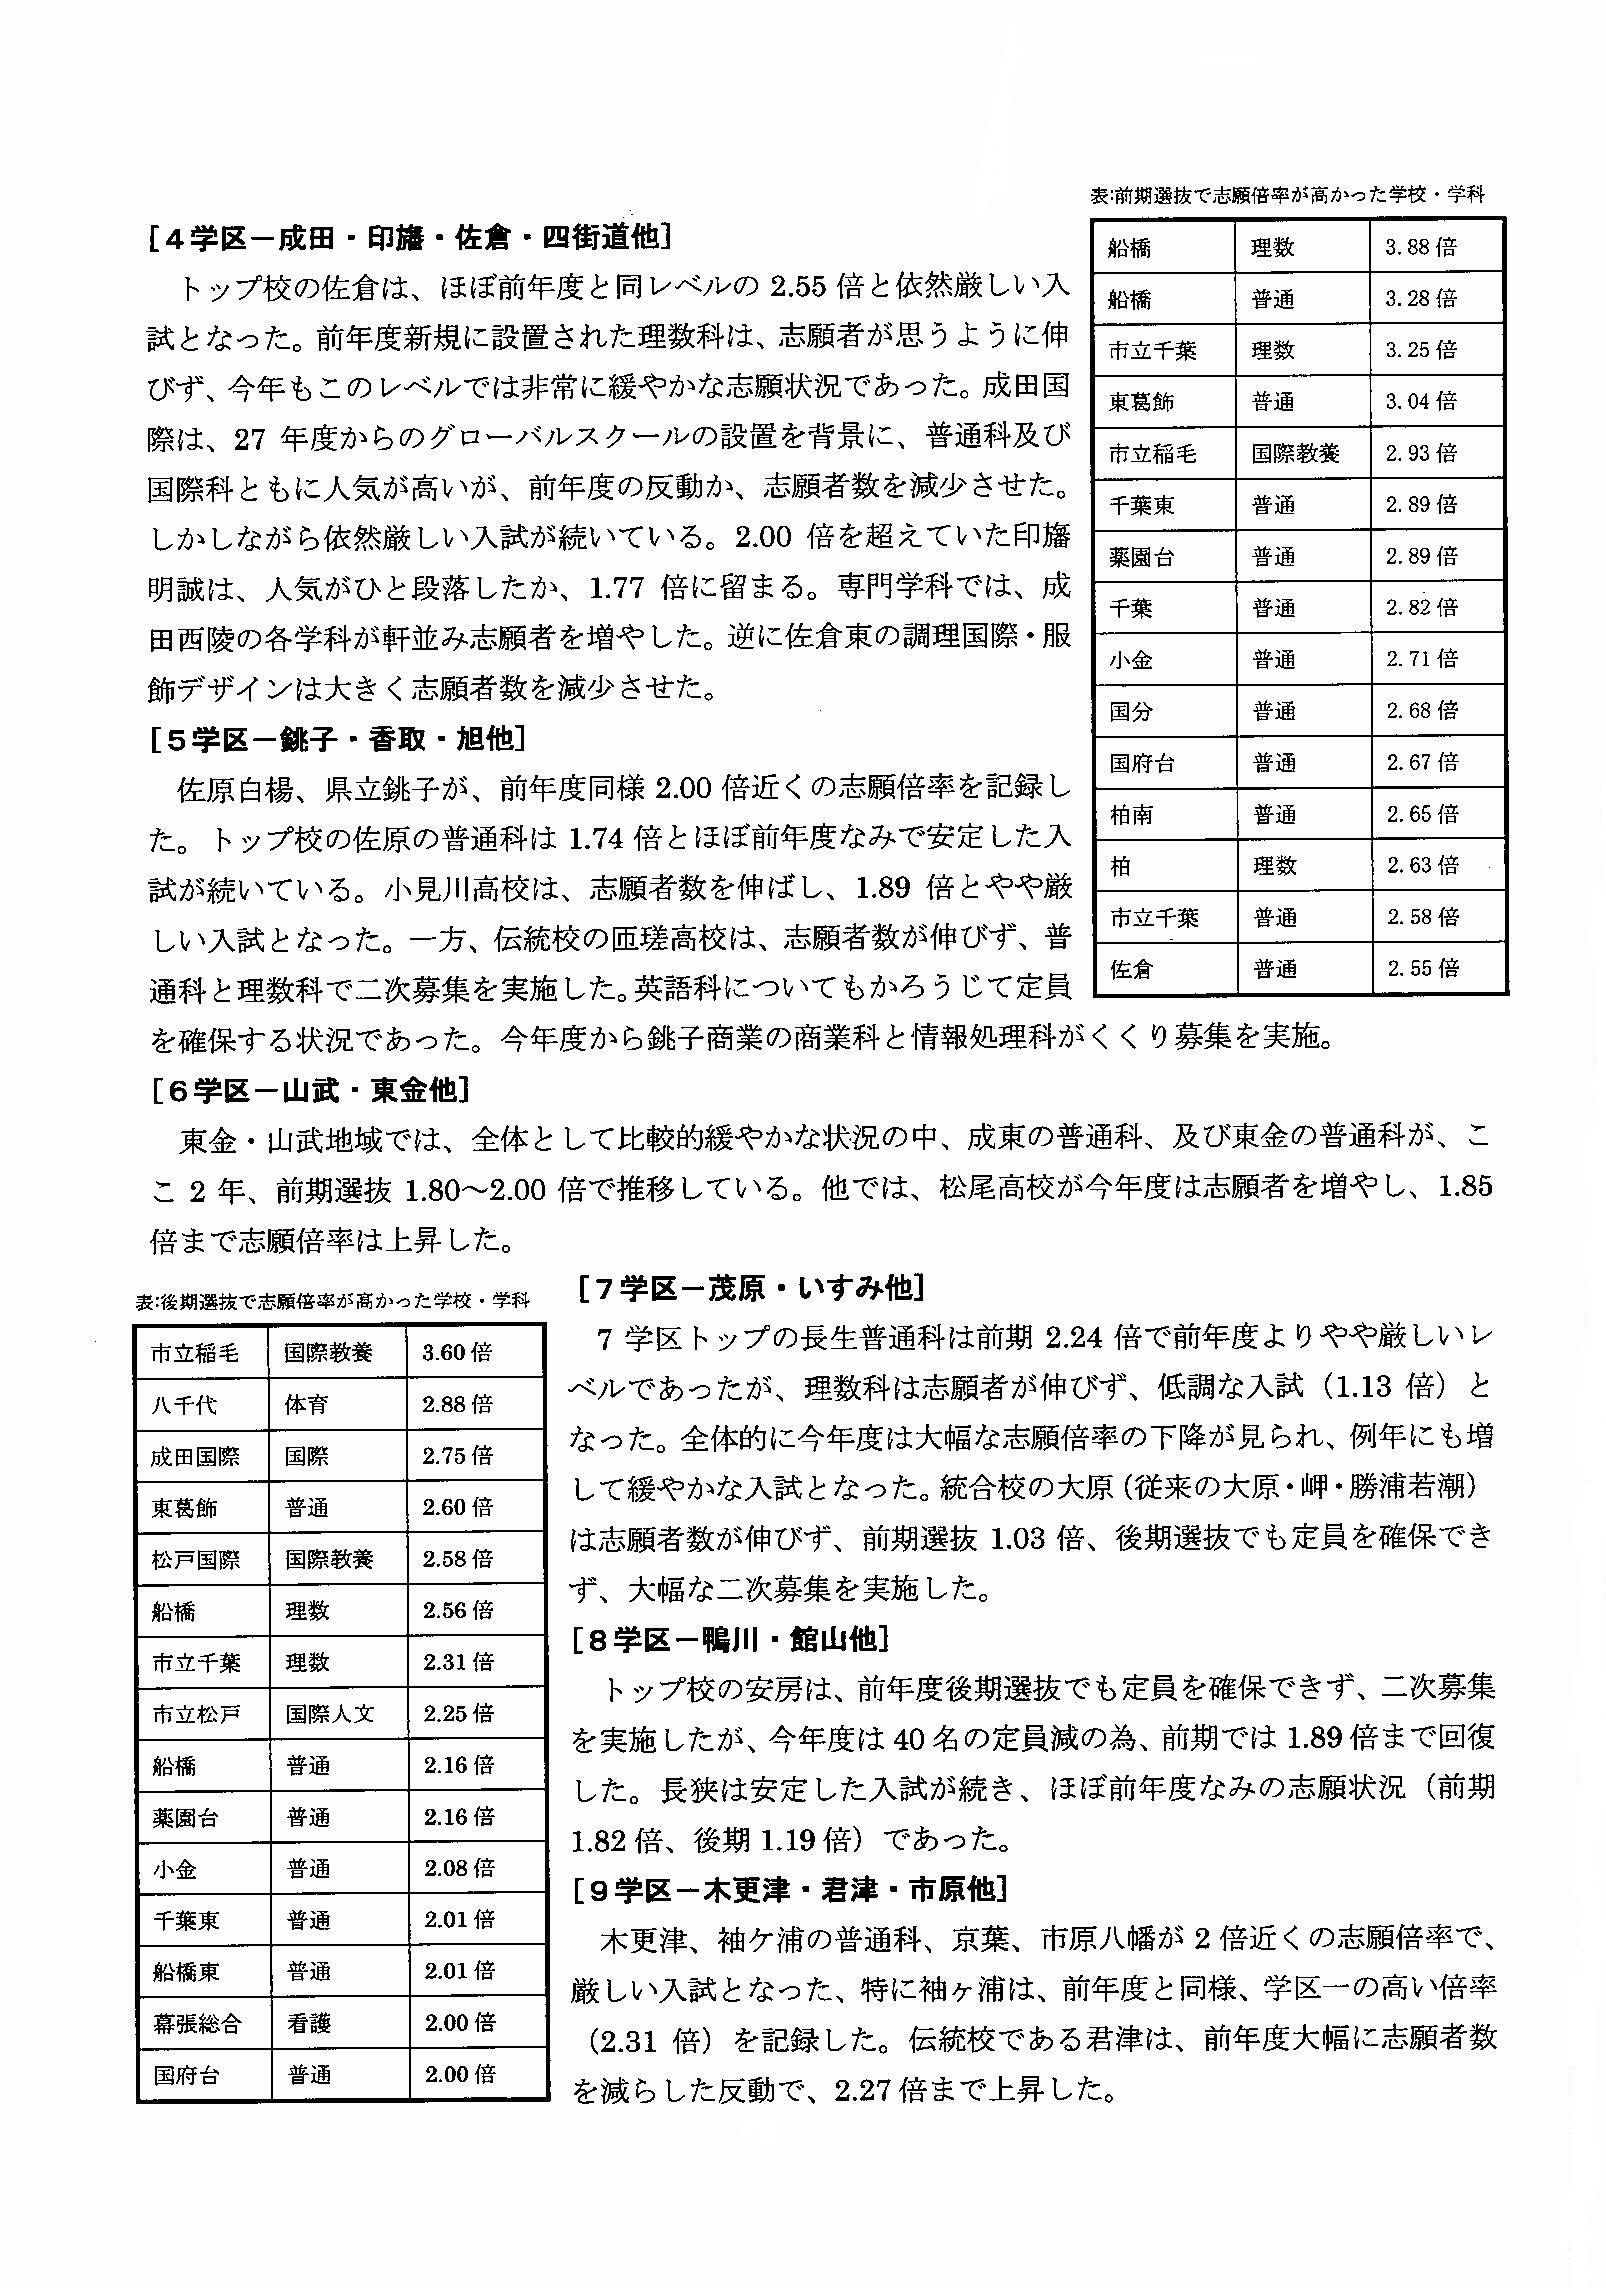 2015受験動向20150416-3